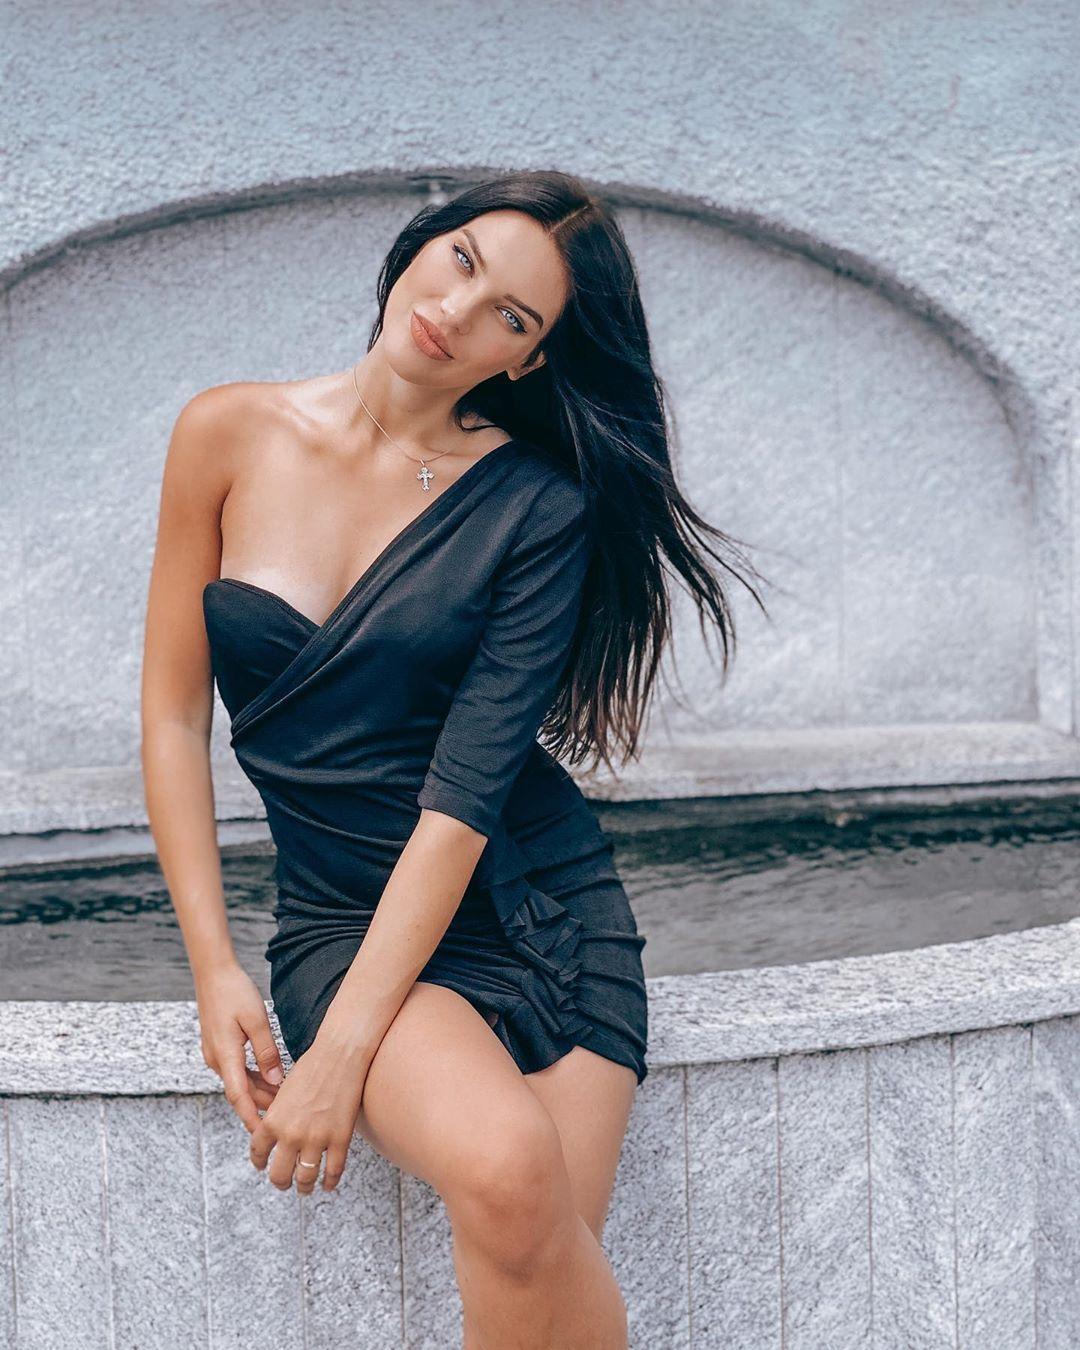 Dasha Dereviankina hot tits pics